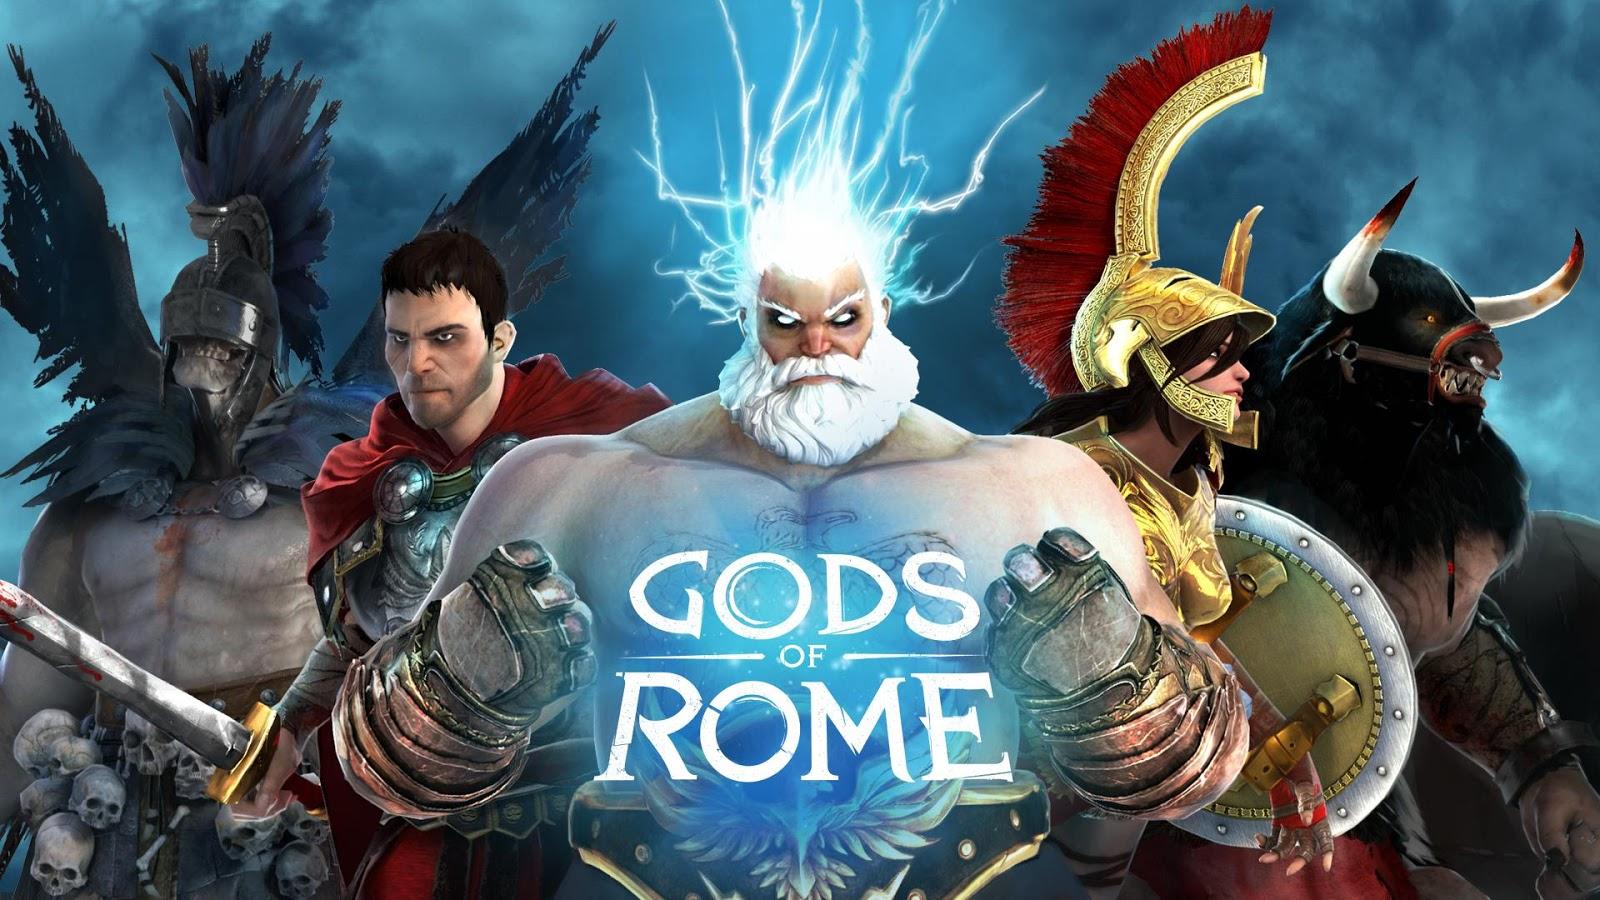 Gods of Rome, le nouveau jeu de combat de Gameloft est disponible